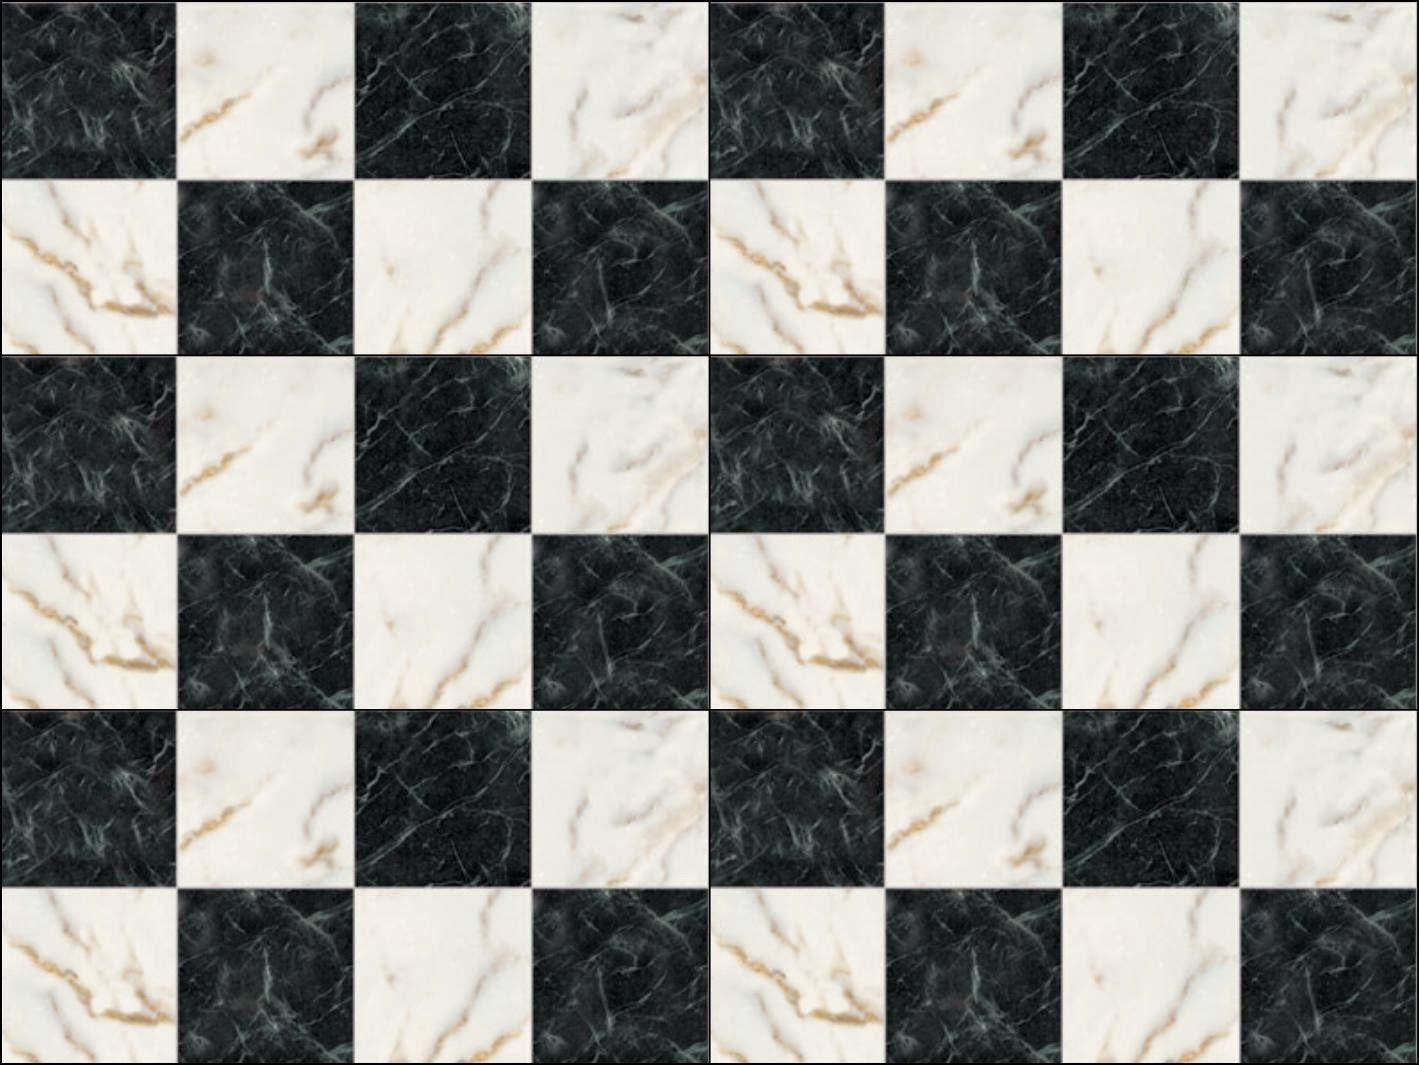 Las miniaturas de eugenia papeles suelos y azulejos - Papel decorativo cocina ...